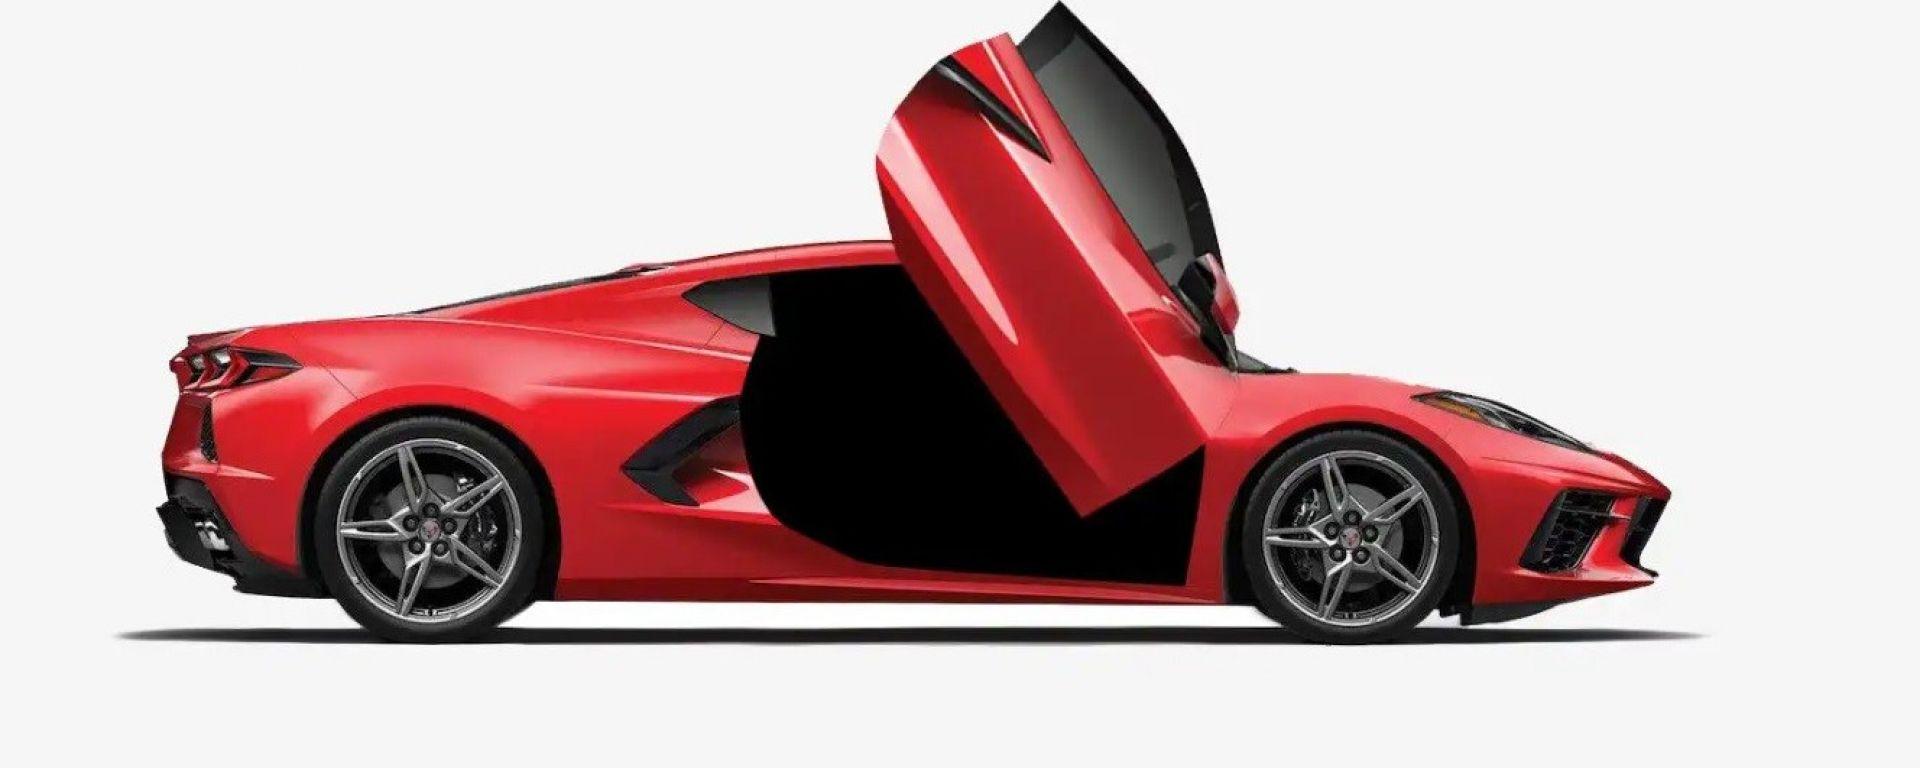 Corvette C8 come Lamborghini: arrivano le portiere a forbice